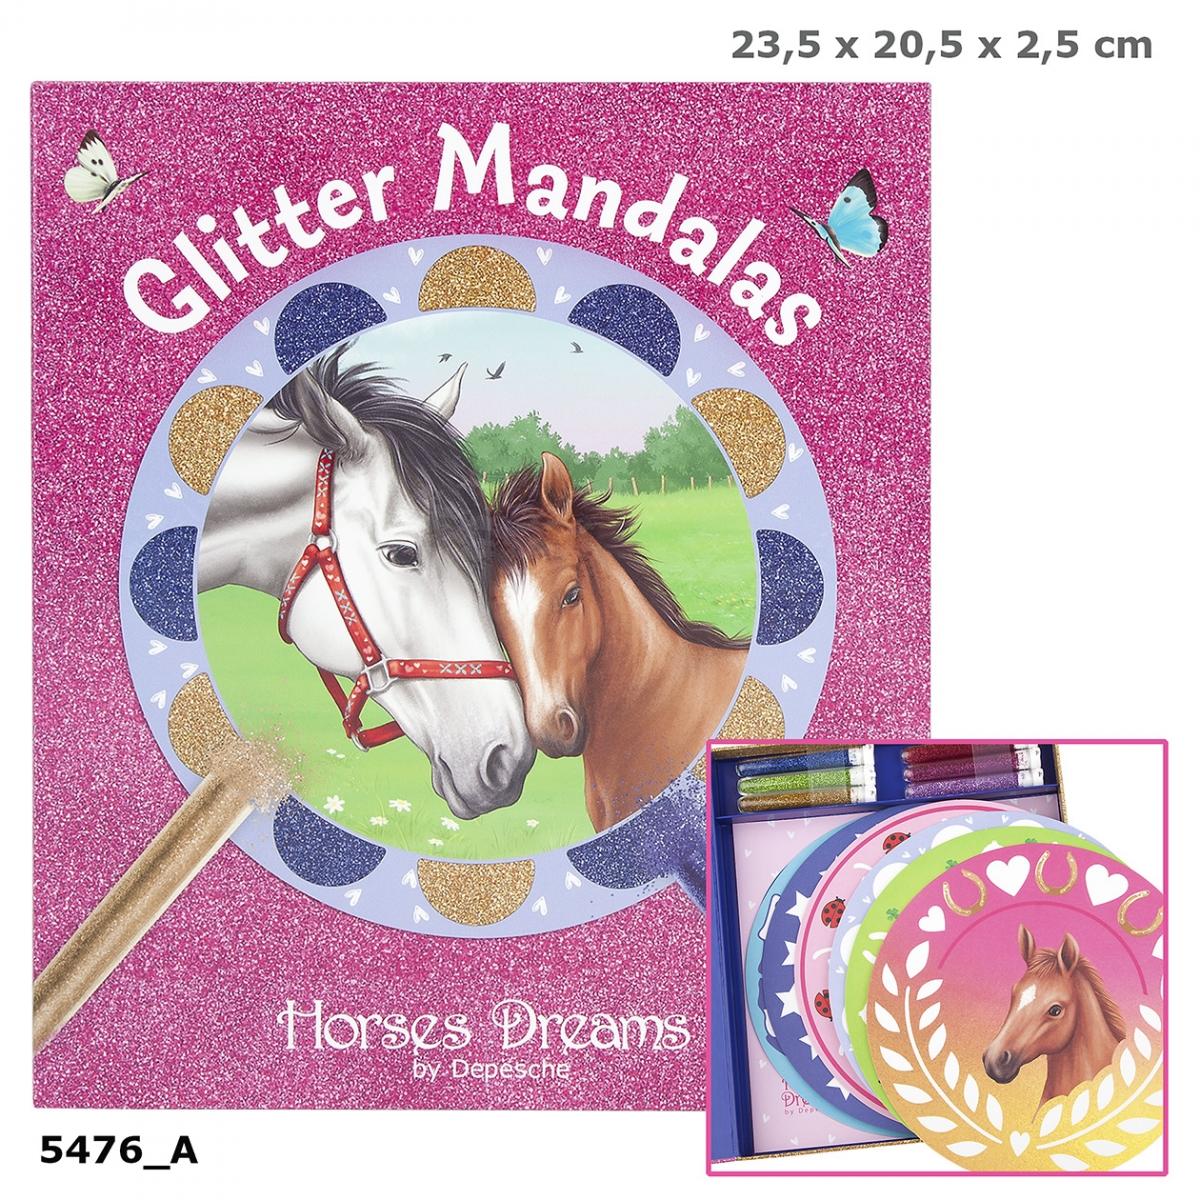 Horses Dreams Glitter Mandalas Creativeset Box